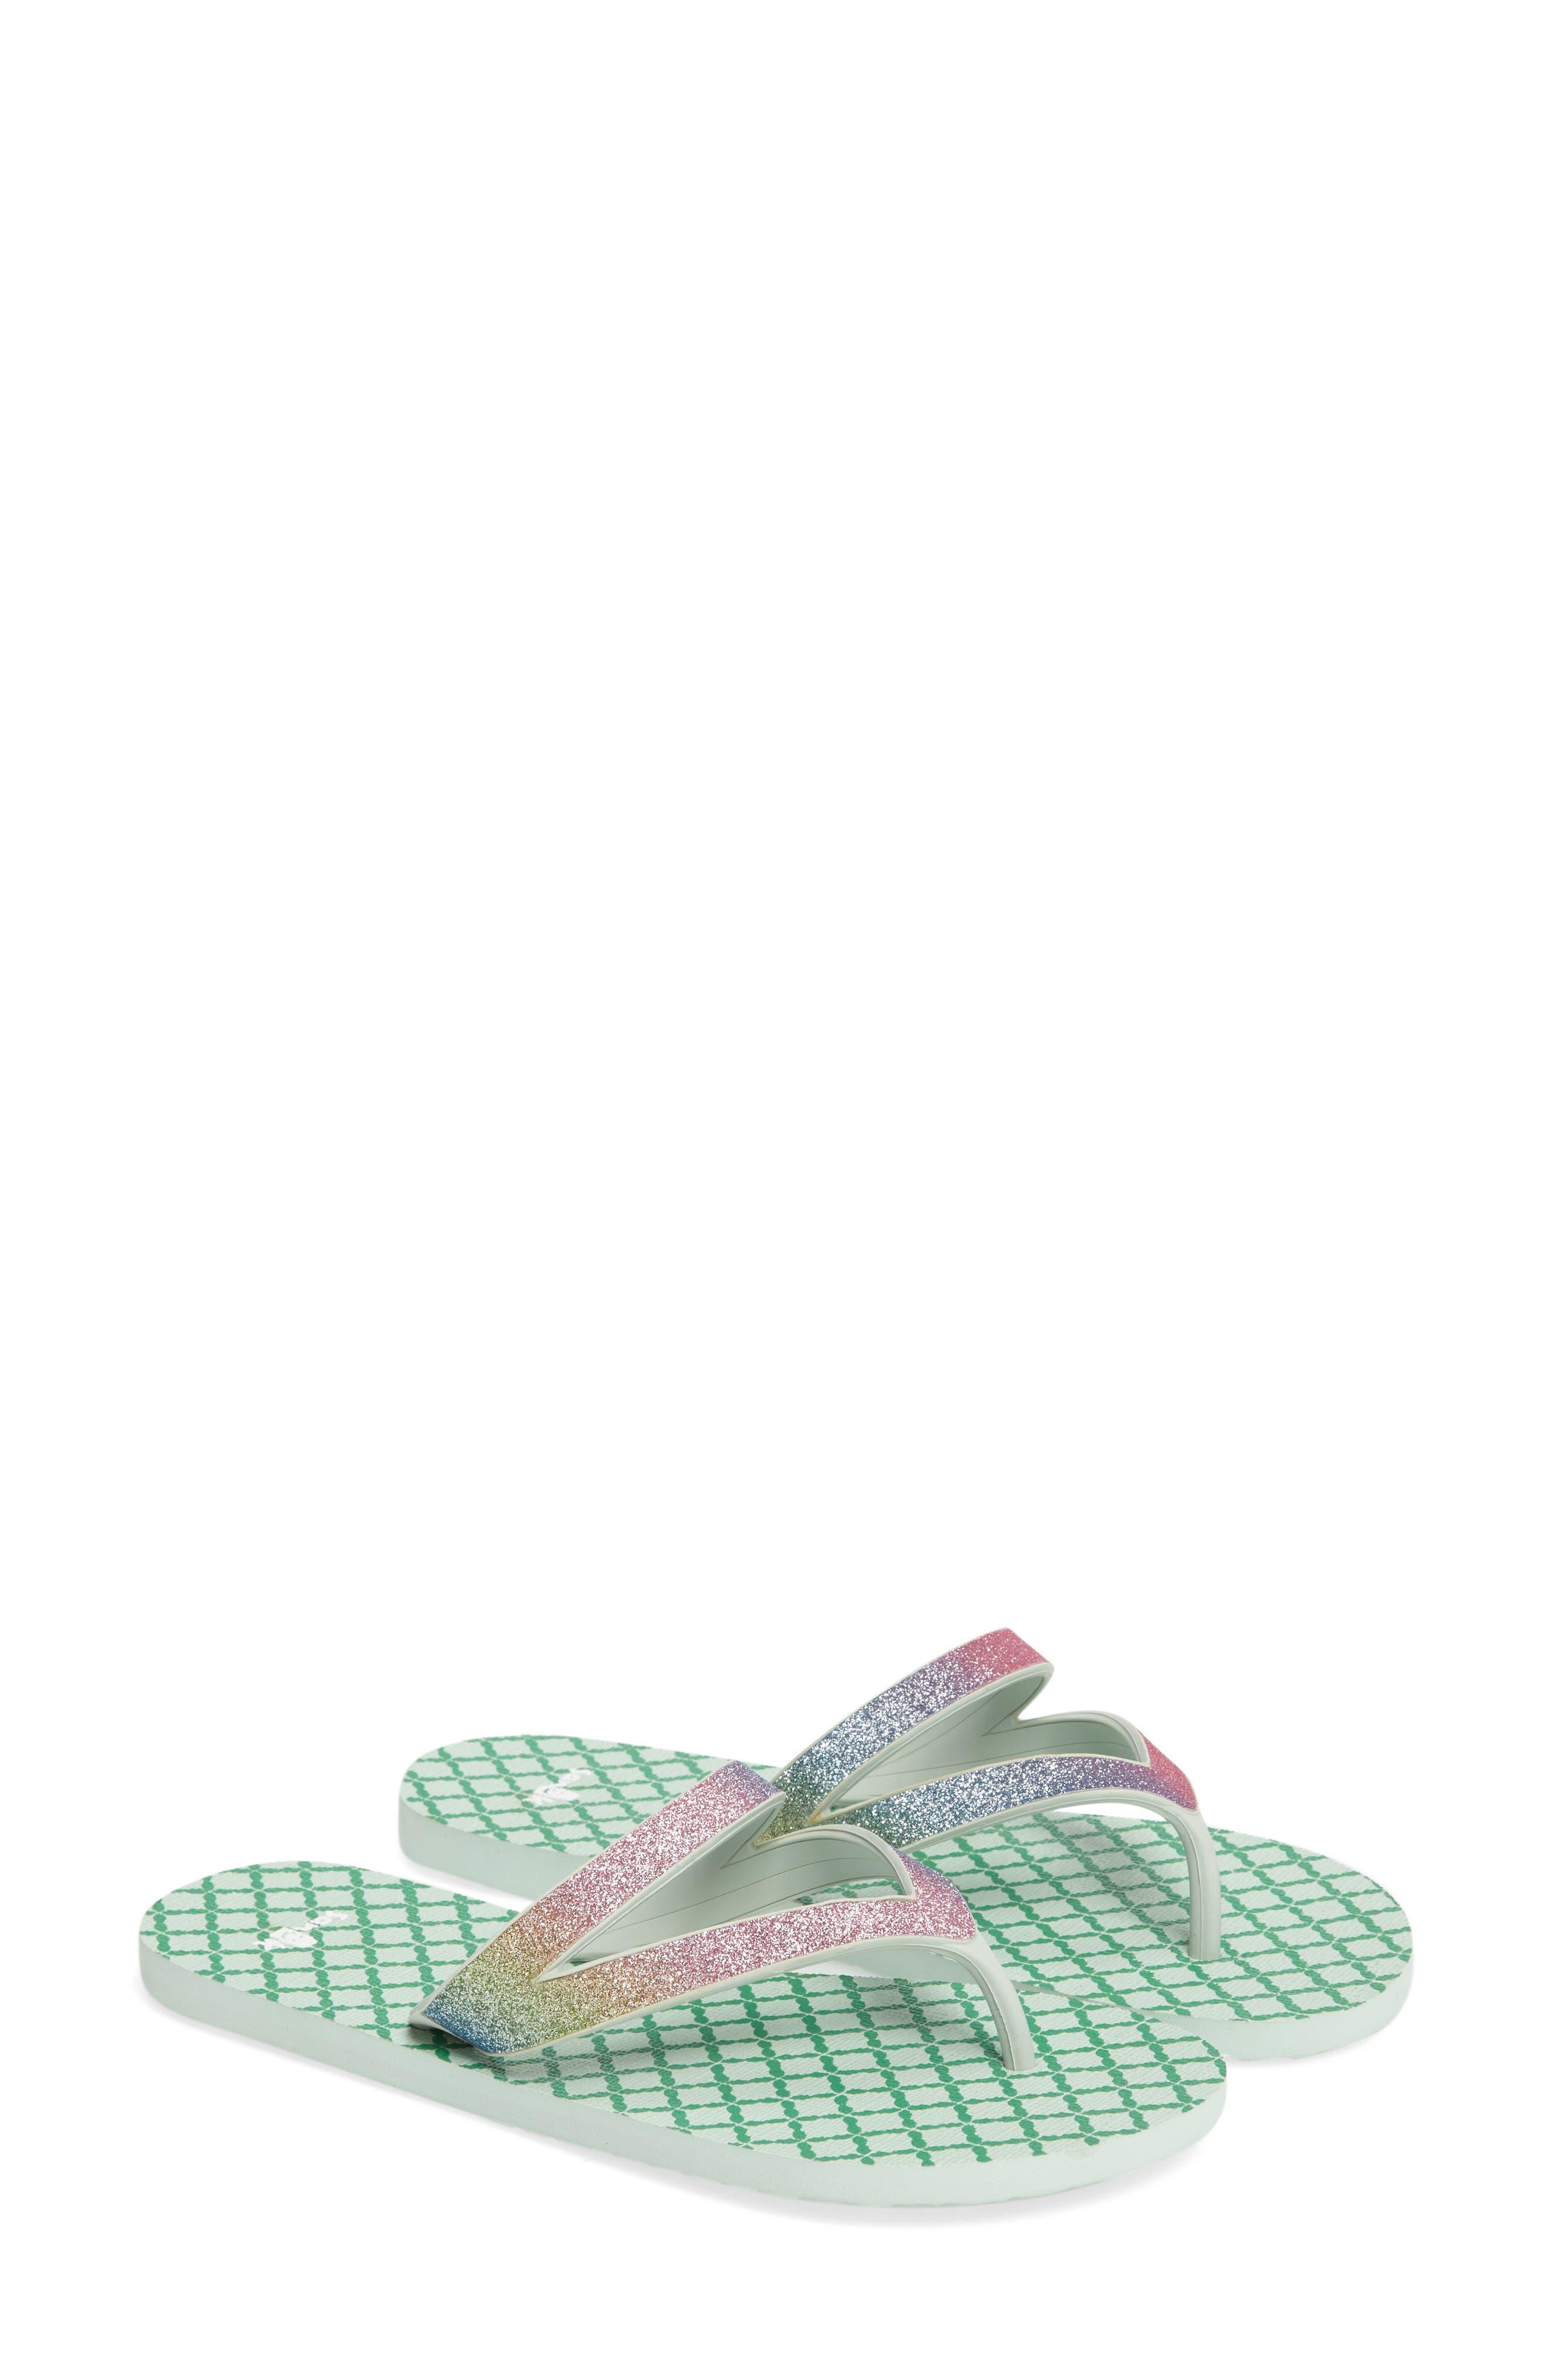 'Lil Selene' Sandal,                             Main thumbnail 1, color,